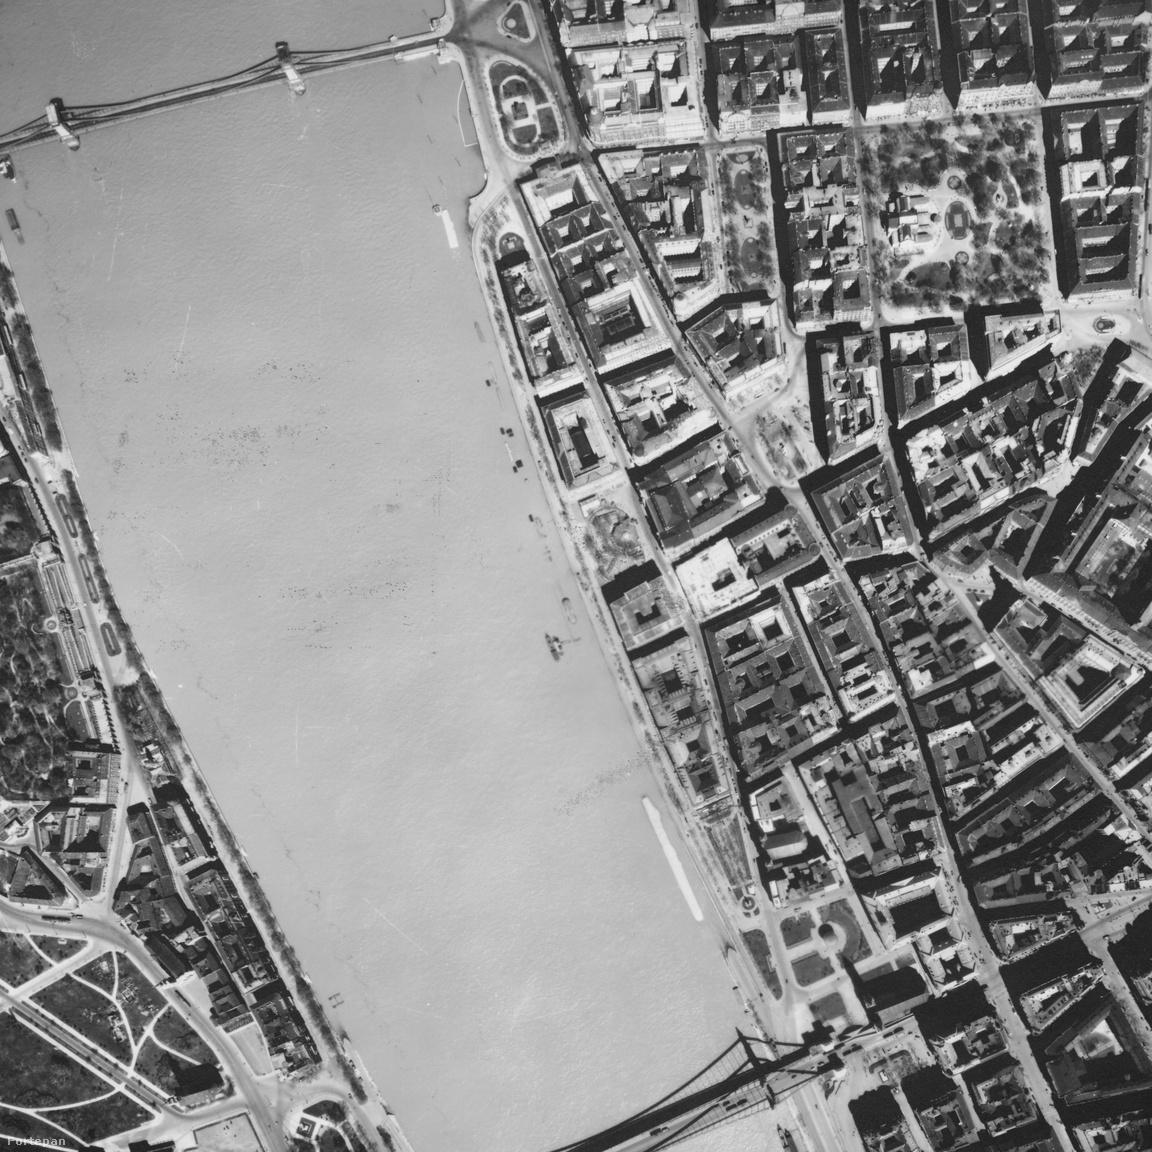 A pesti városképet legmarkánsabban azonban nem ezek a beavatkozások változtatták meg, hanem                         ami kicsivel arrébb, a Korzón történt. Bár mindössze három épületet emeltek oda (Duna                         InterContinental, 1969; Hotel Forum, 1981; Atrium Hyatt, 1982), és az egyiket nem is közvetlenül                         a partra, ez a három szálló gyökeresen megváltoztatta Budapest képét. Igaz, itt korábban is                         épületek sorjáztak, köztük természetesen több szálloda is akadt. Ám az új épületek messze                         felülmúlták elődeiket méretben, volt olyan, amelyik négy régi telekre pöffeszkedett, sokkal                         magasabbak lettek a környező házaknál, és egyértelműen hátat fordítanak a városnak, elvágva azt a                         folyótól. Kár.